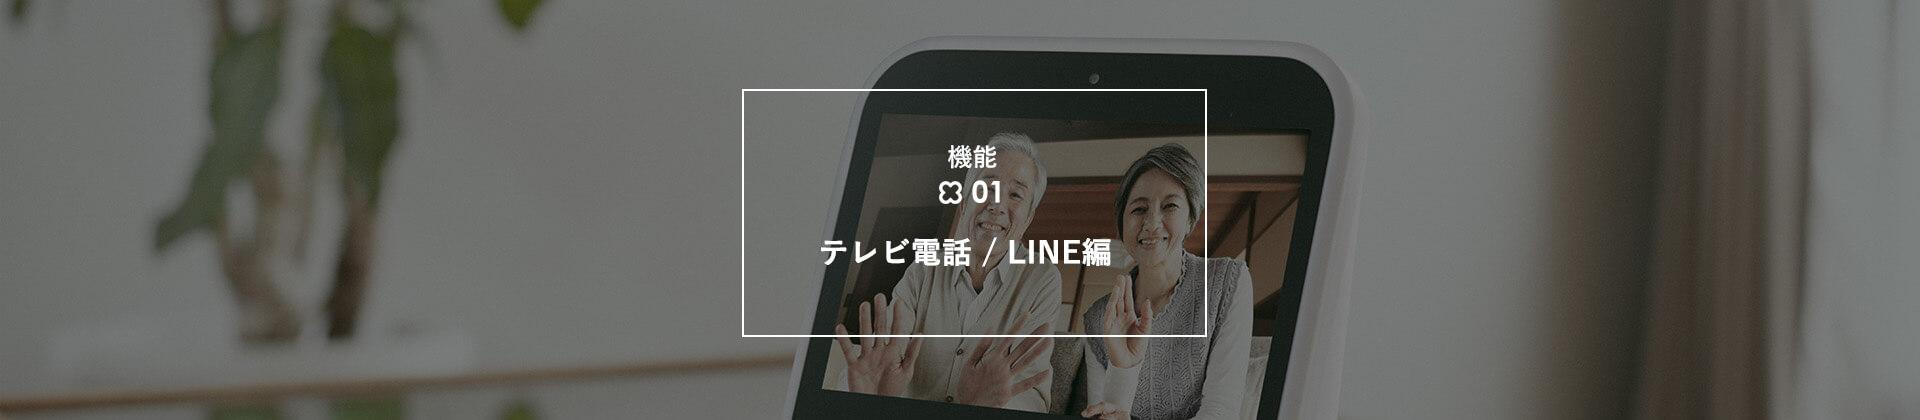 LINE-ビデオ電話